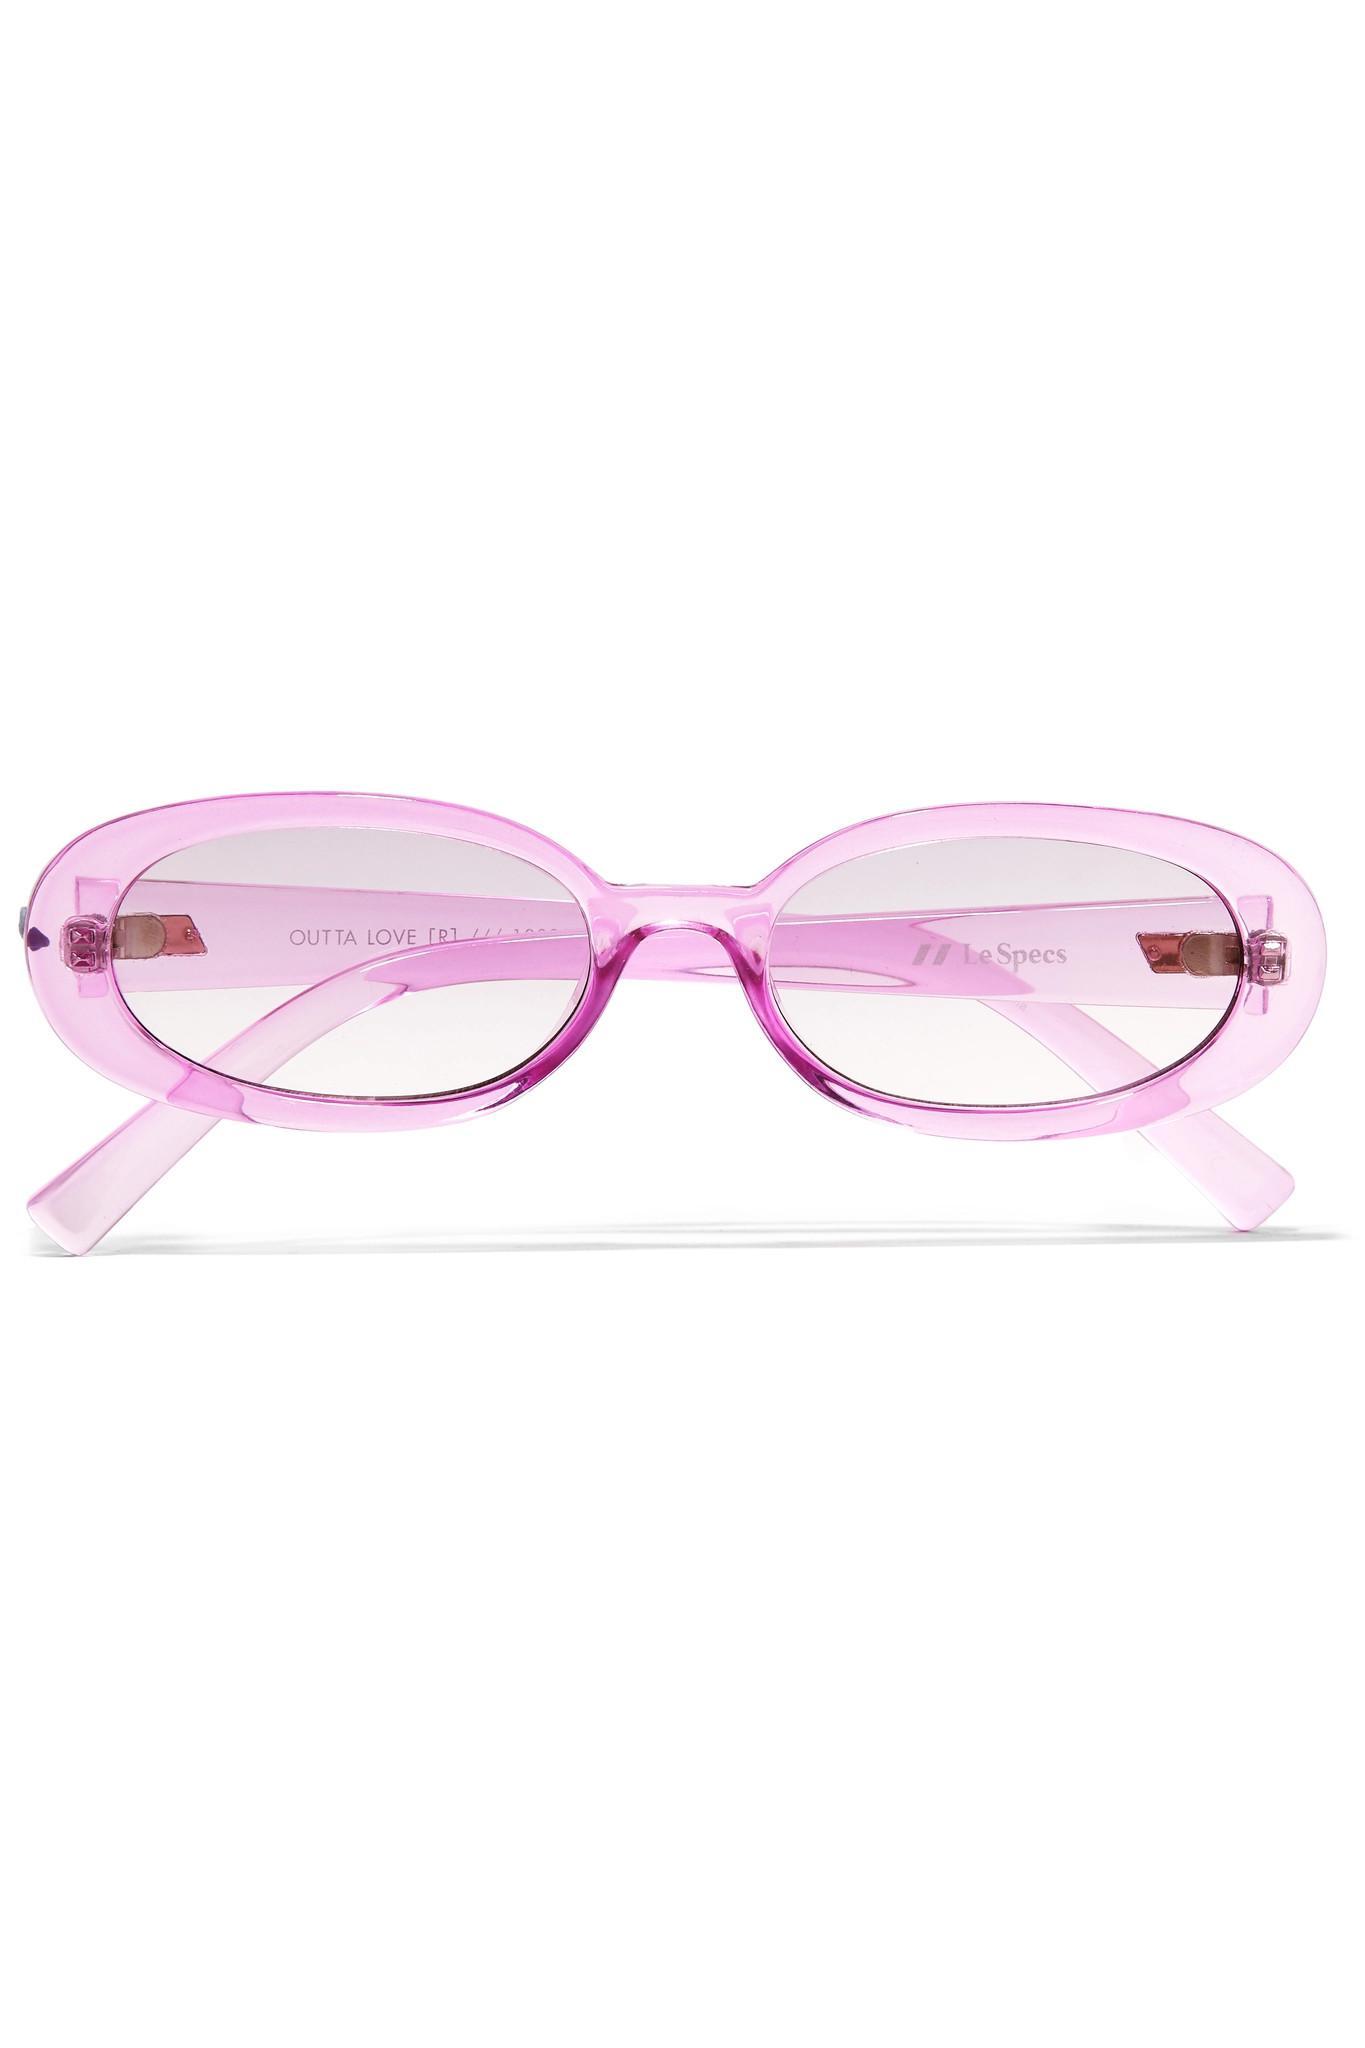 Outta Love Lunettes De Soleil Acétate Ovale Cadre - Violet Le Specs RTahs4jy